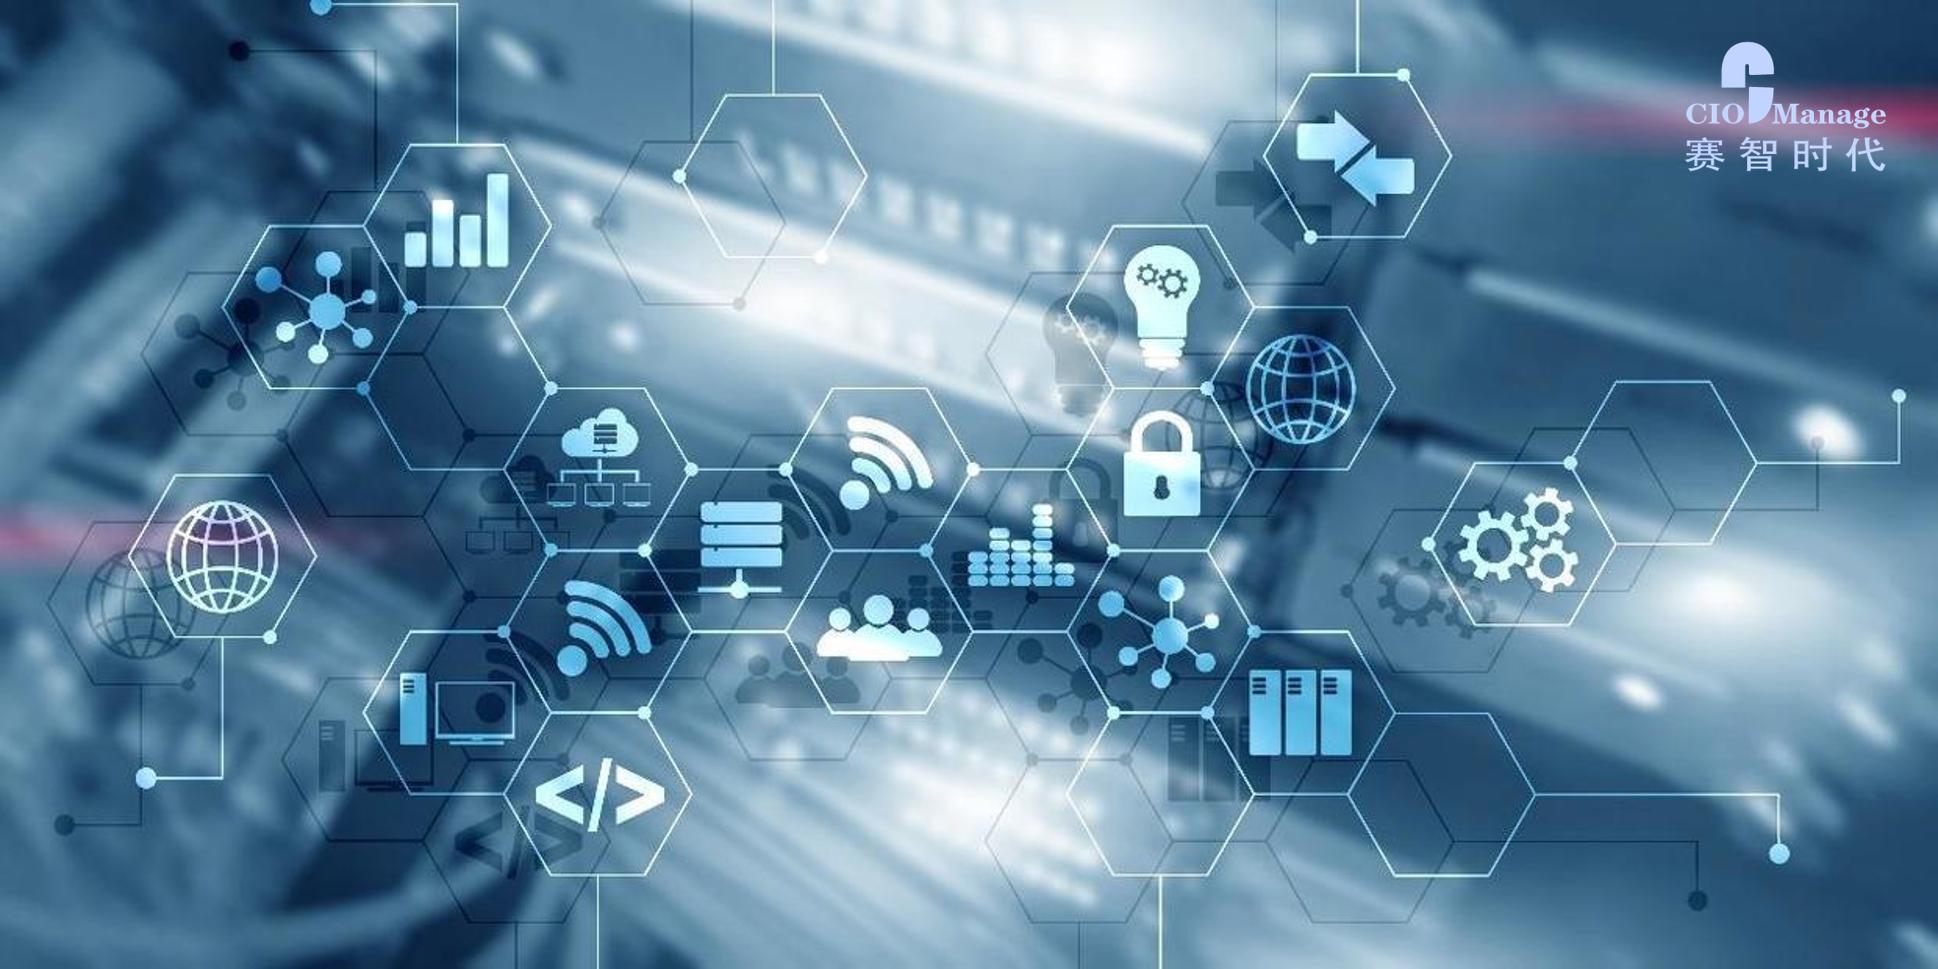 赛智时代:2020年我国工业互联网产业发展研究